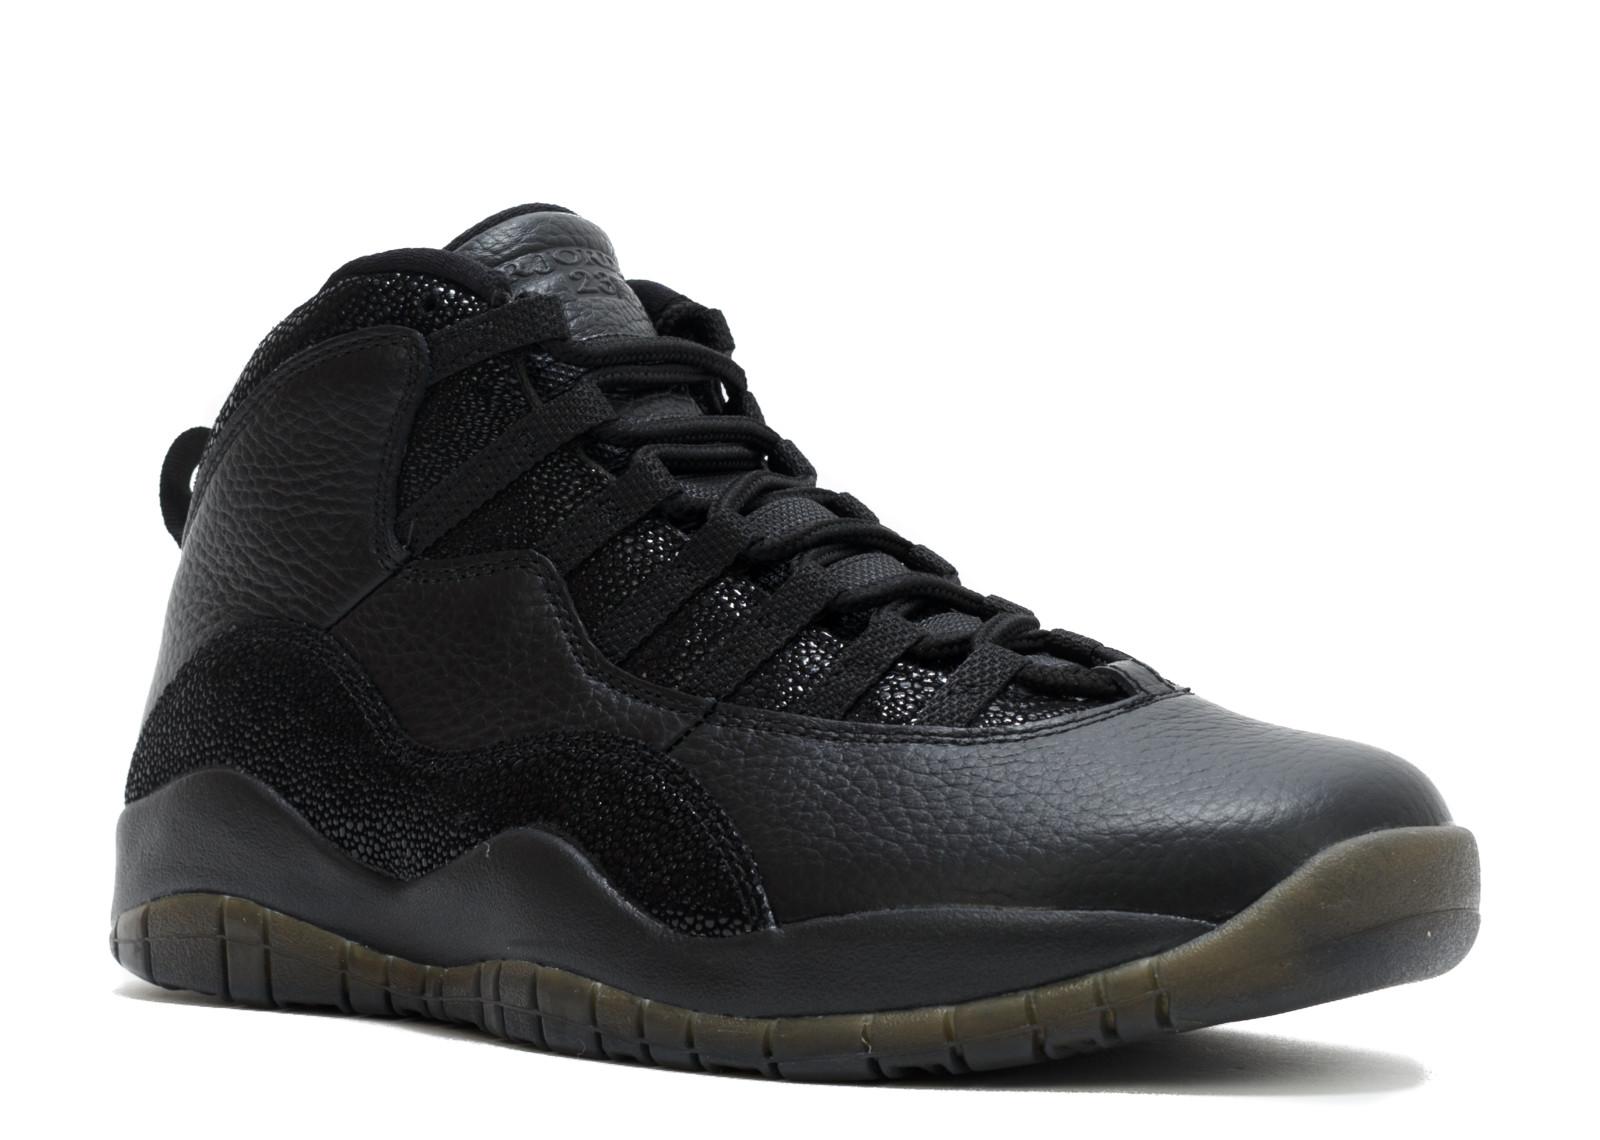 Air Jordan Men s Sneakers   Athletic Shoes - Sears 87e5b3bc3